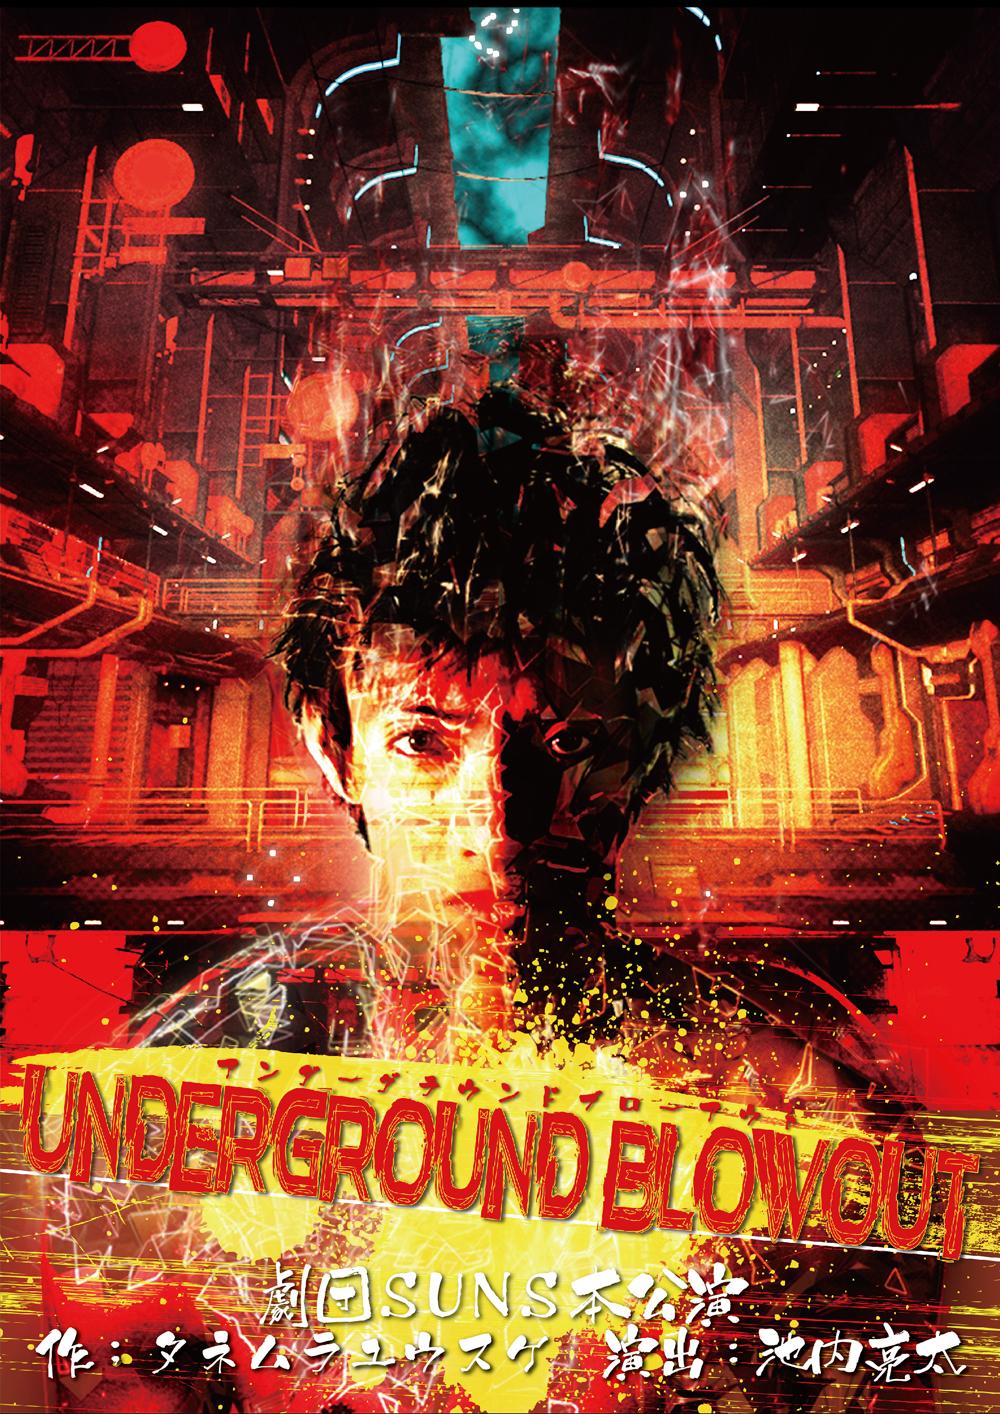 劇団SUNSプロデュース「Underground Blowout」